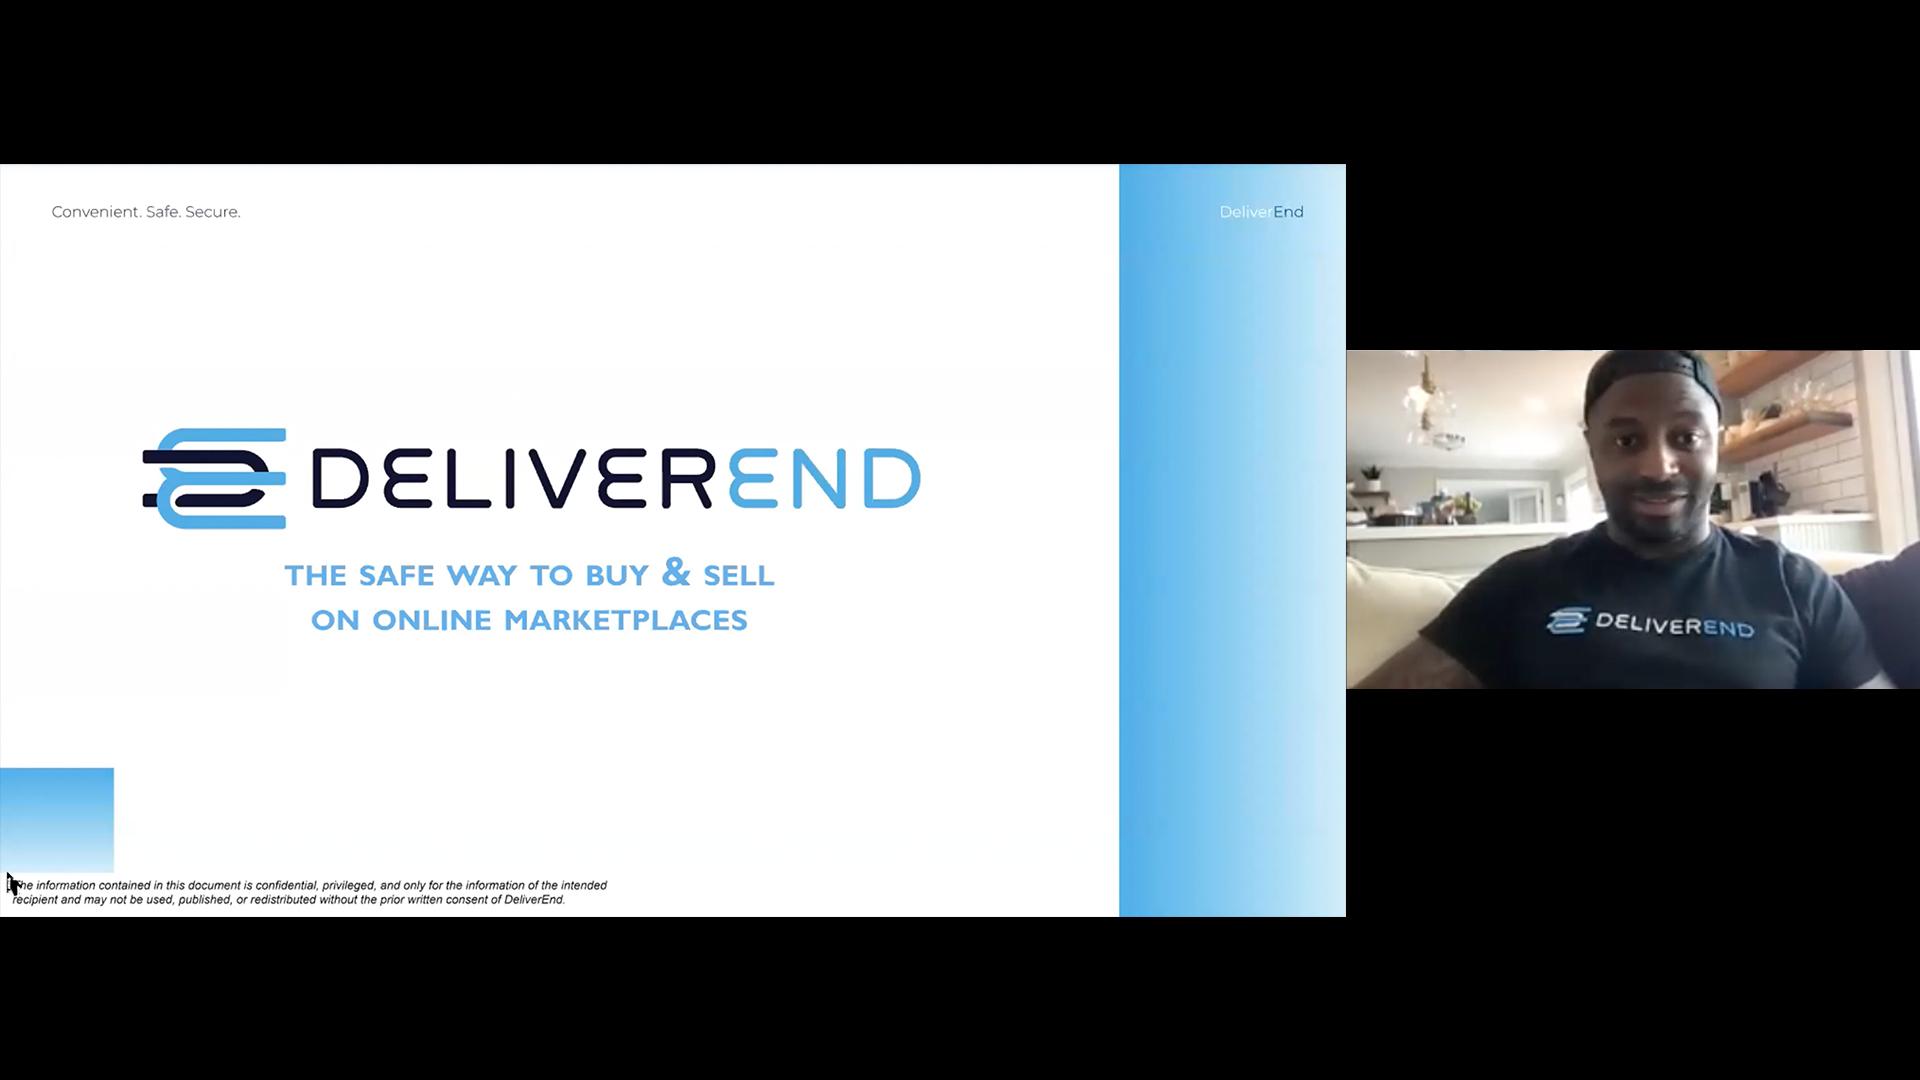 DeliverEnd